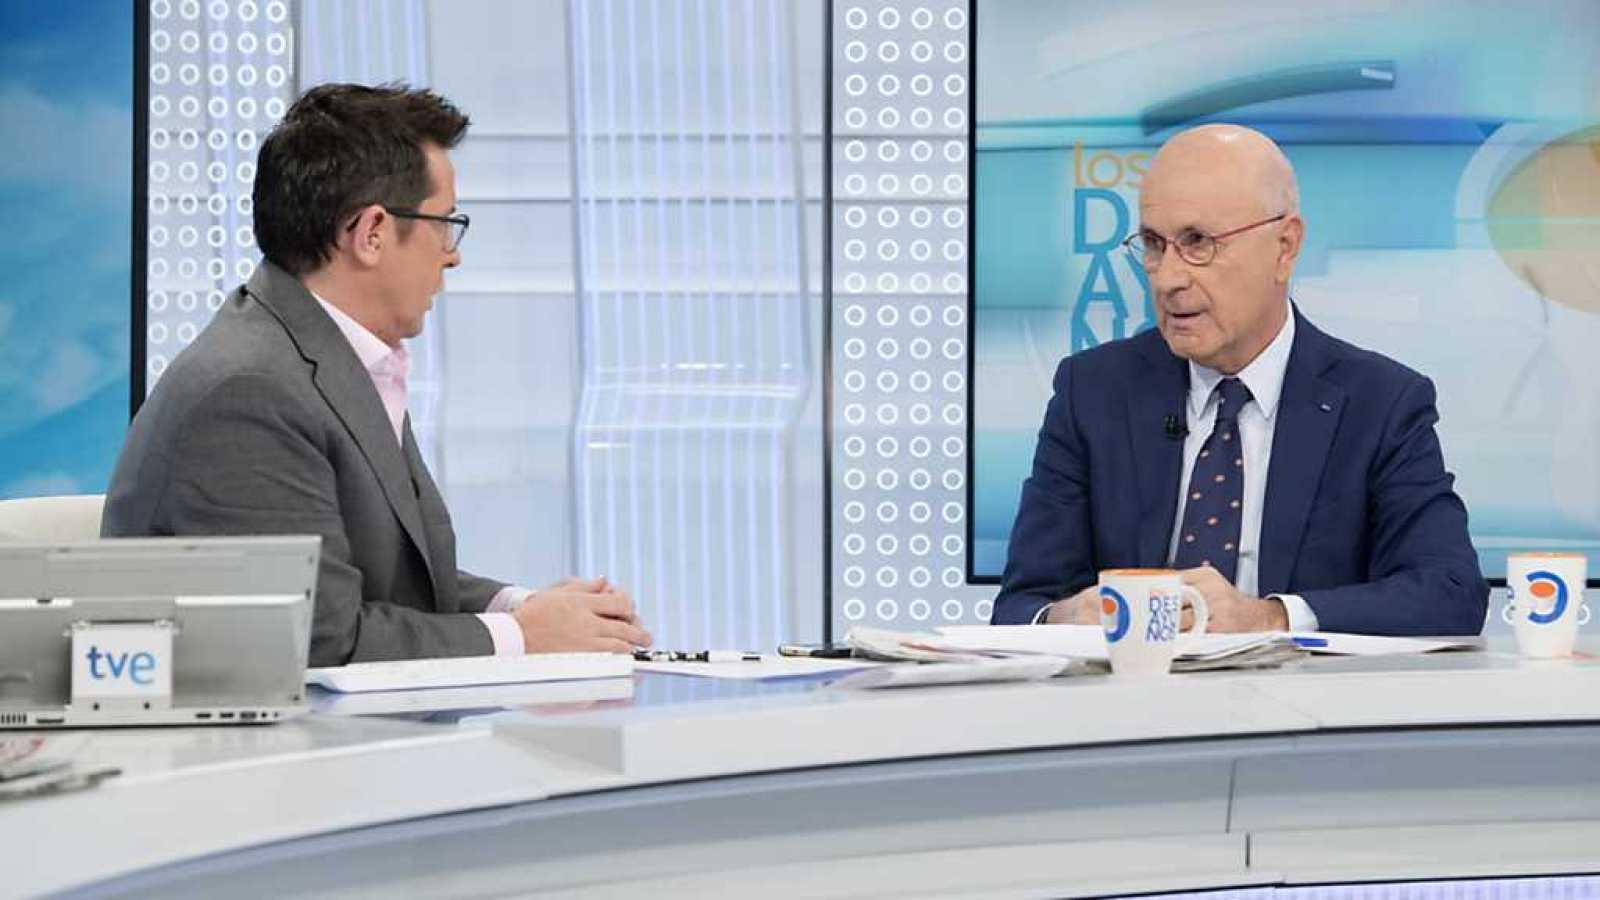 Los desayunos de TVE - Josep Antoni Duran i Lleida, expresidente de Unió Democràtica de Catalunya - ver ahora